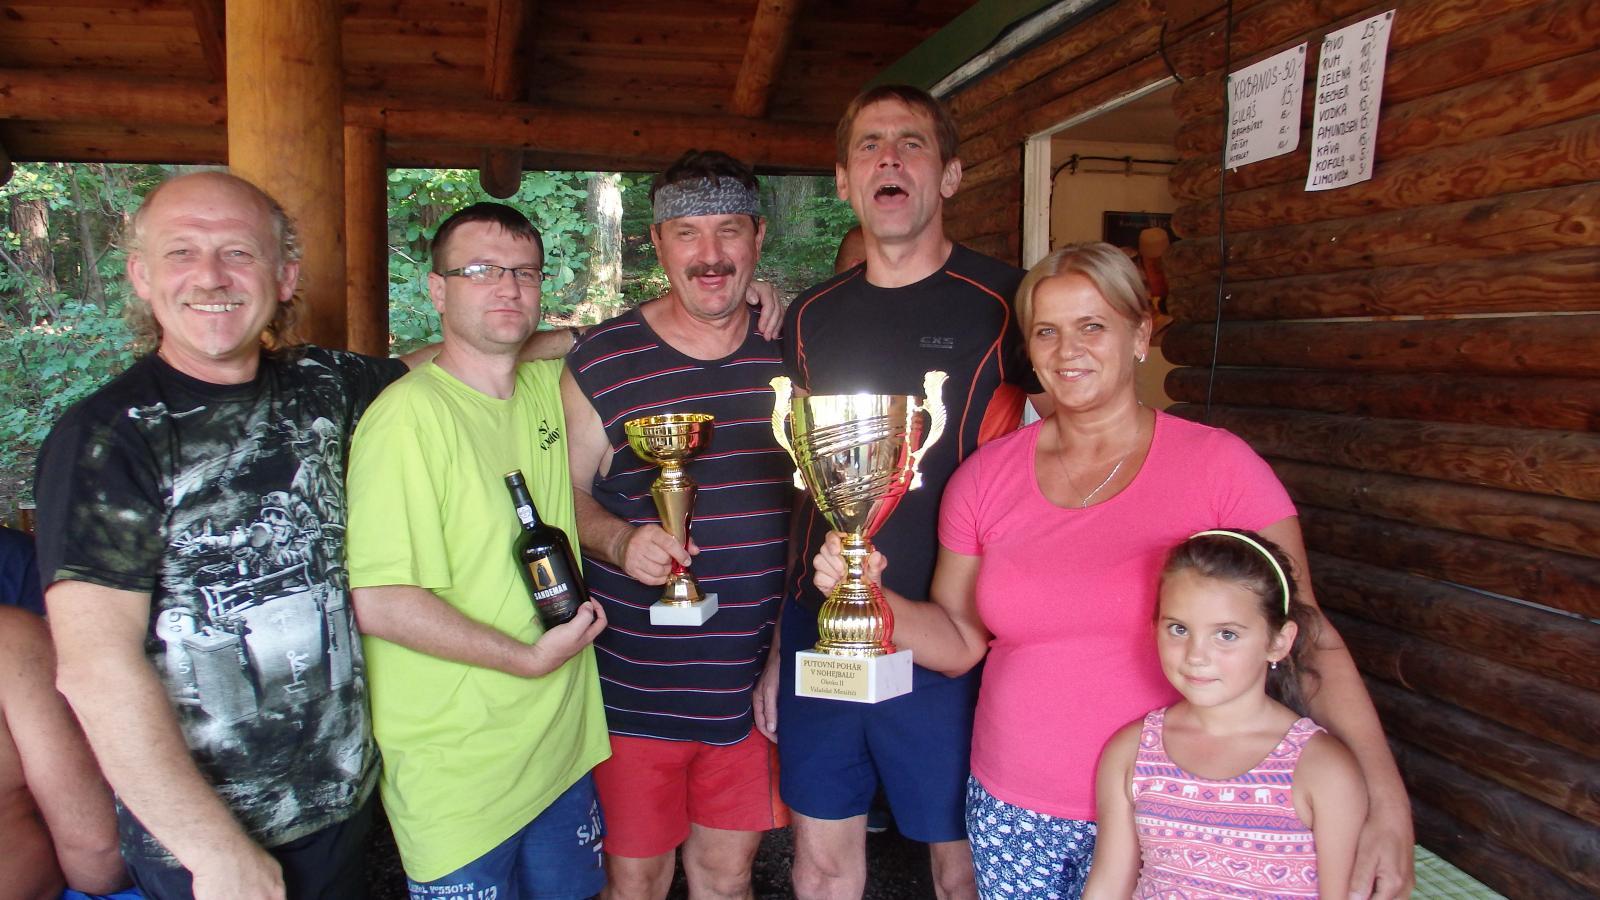 Lhota u Choryně - vítěz turnaje